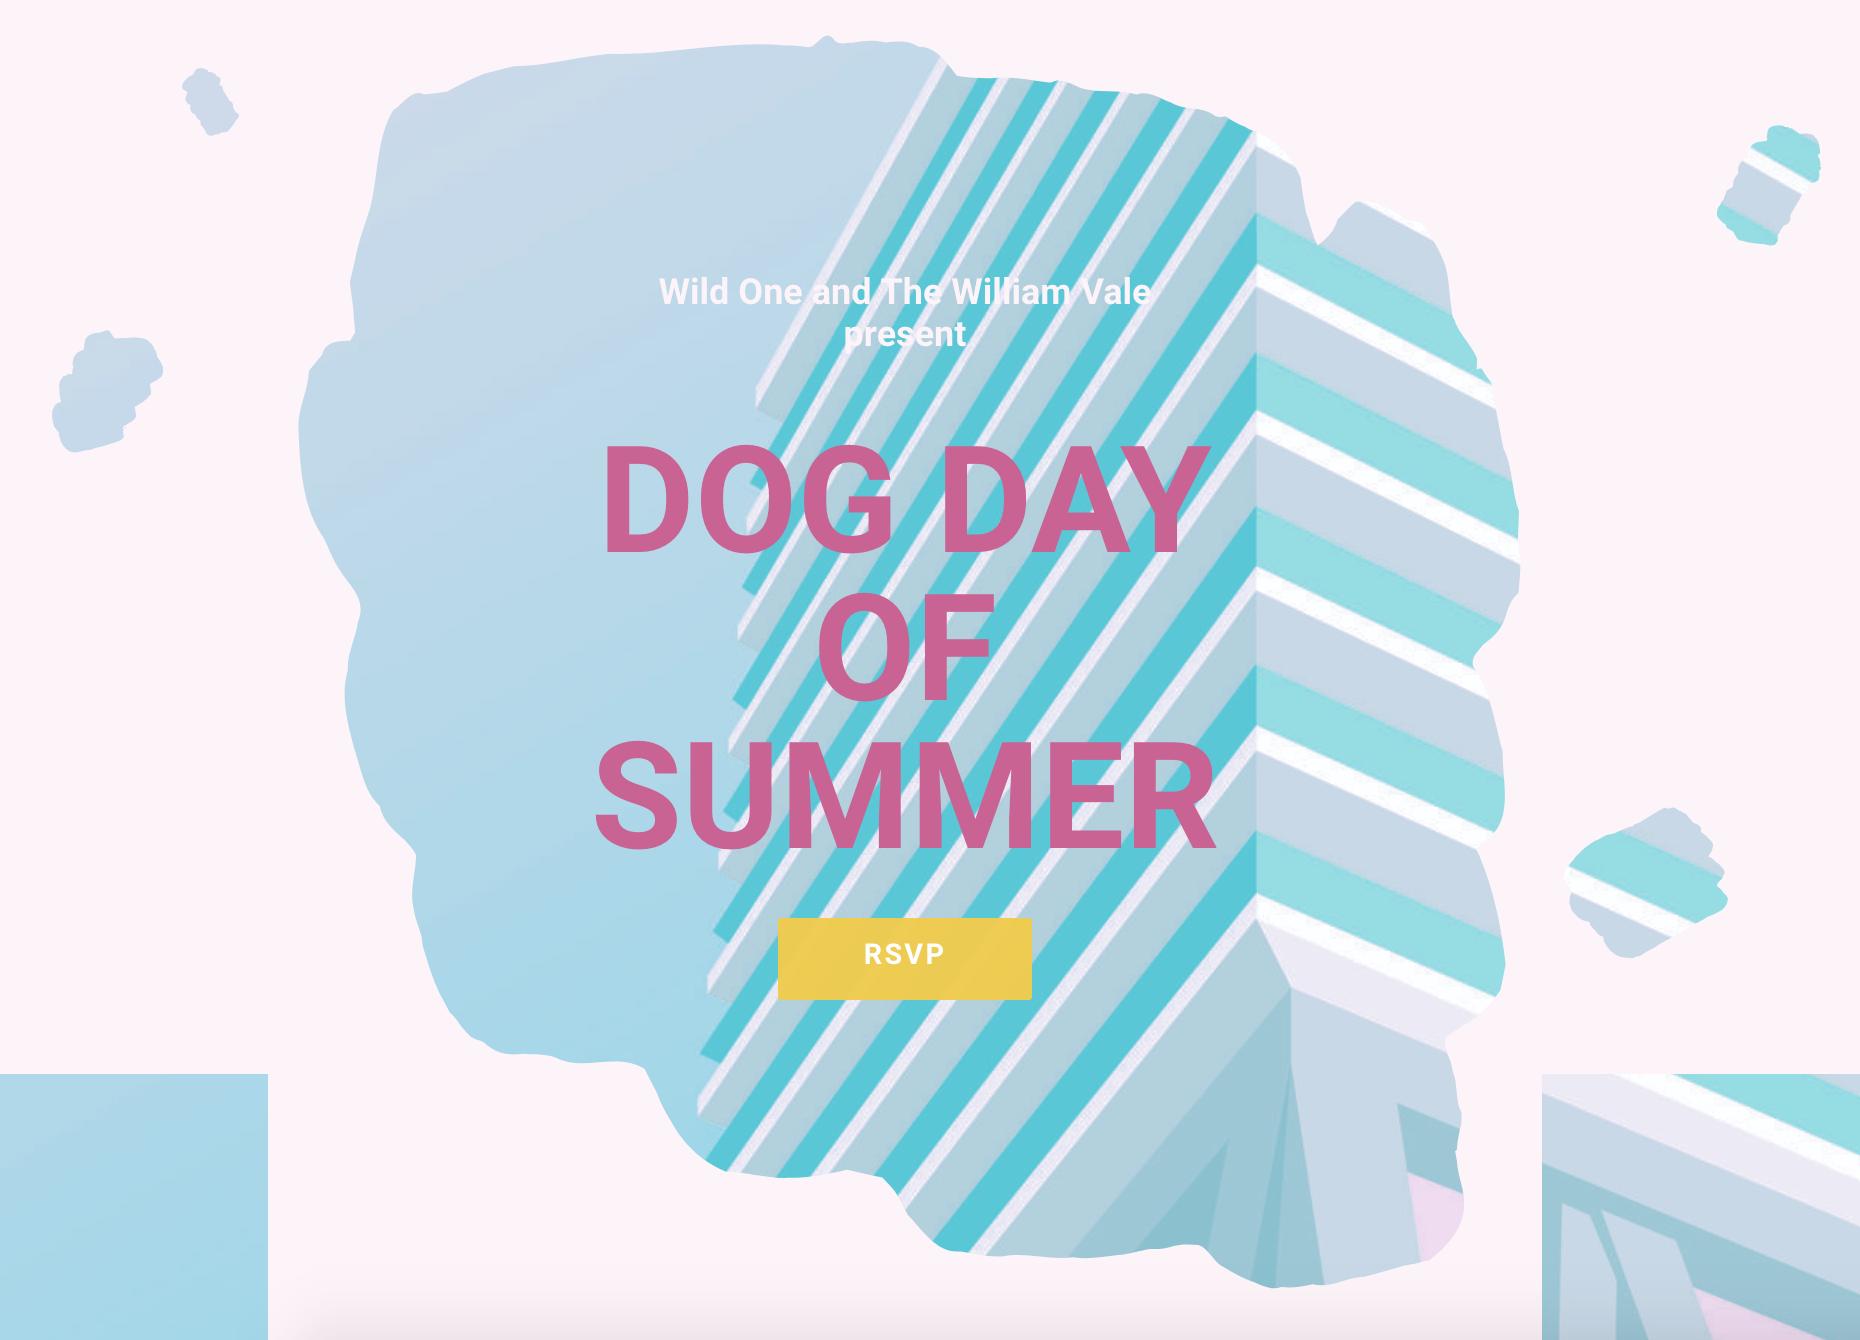 Image courtesy of Dog Day of Summer